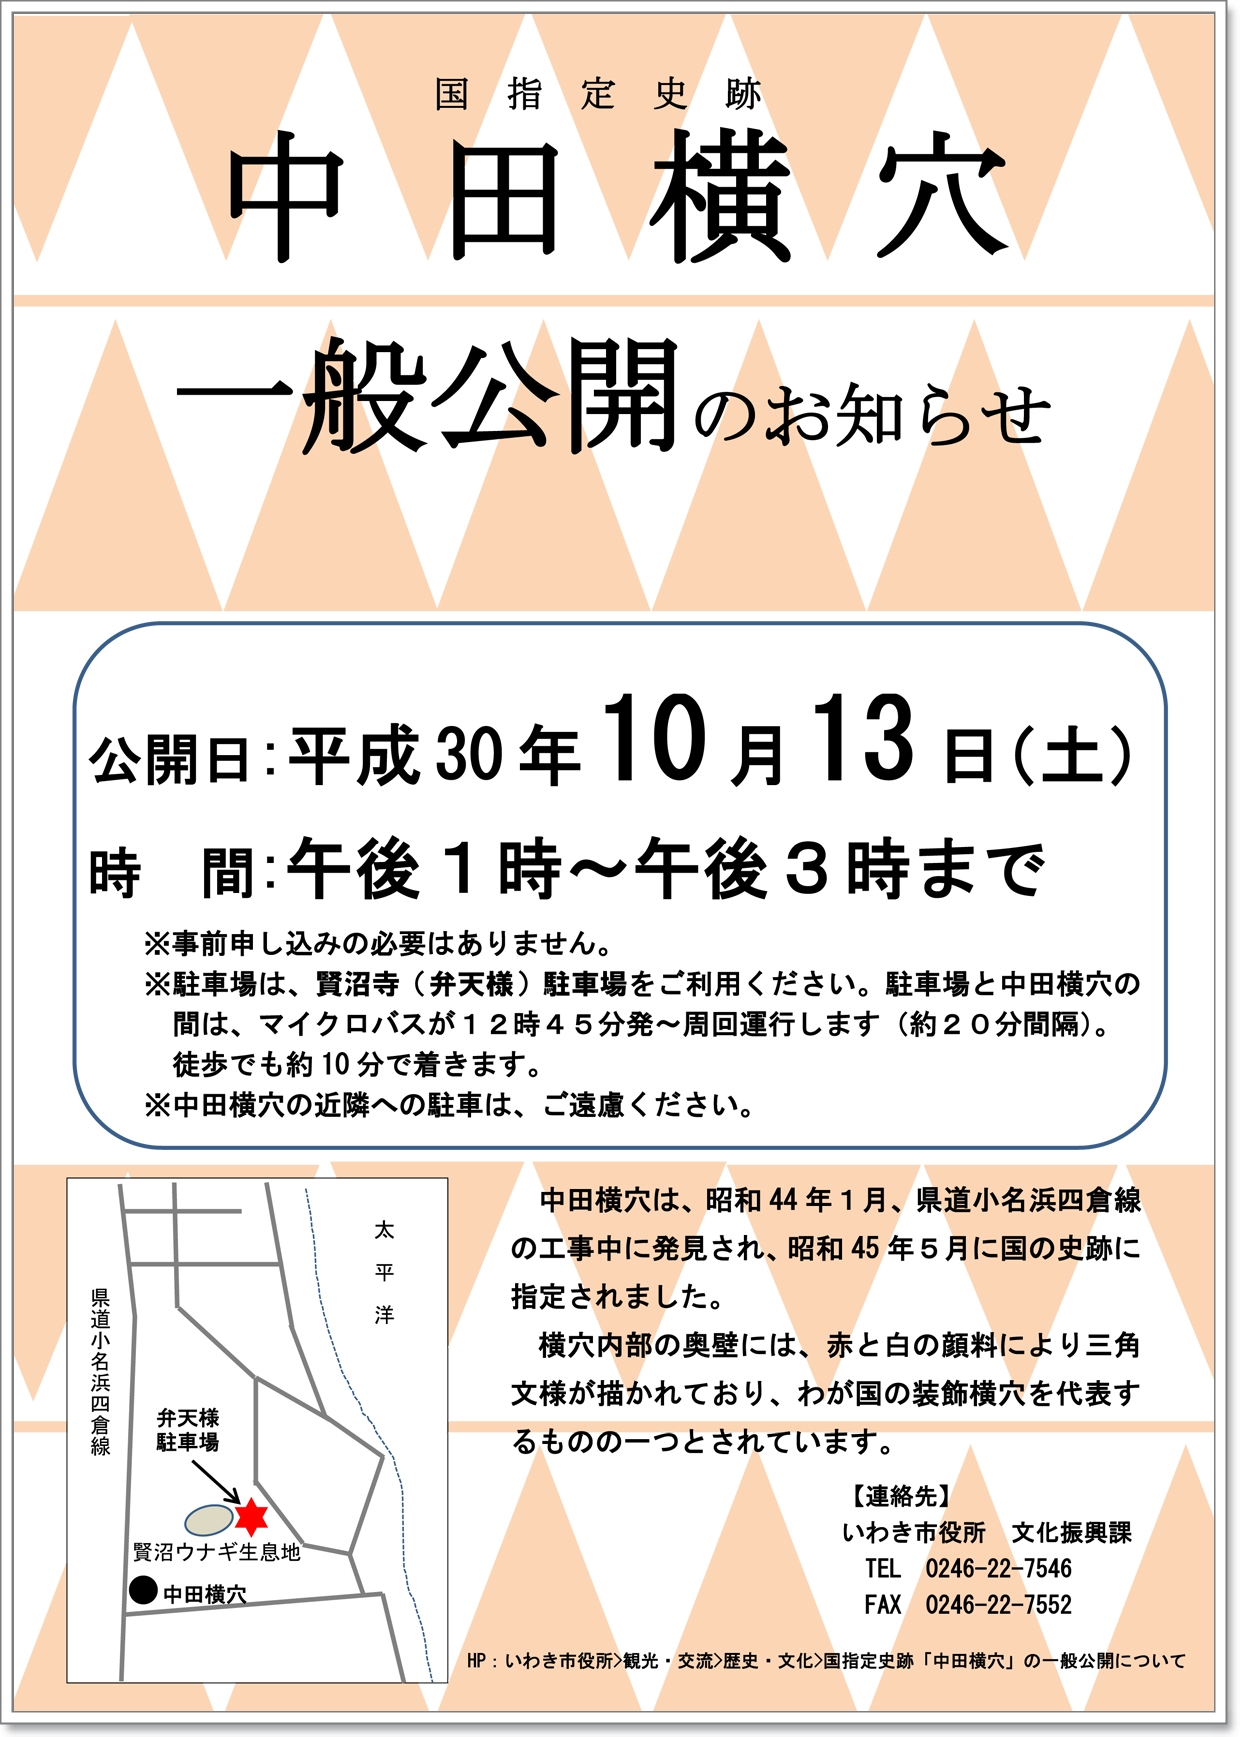 国指定史跡「中田横穴」の一般公開が行われます! [平成30年10月7日(日)更新]